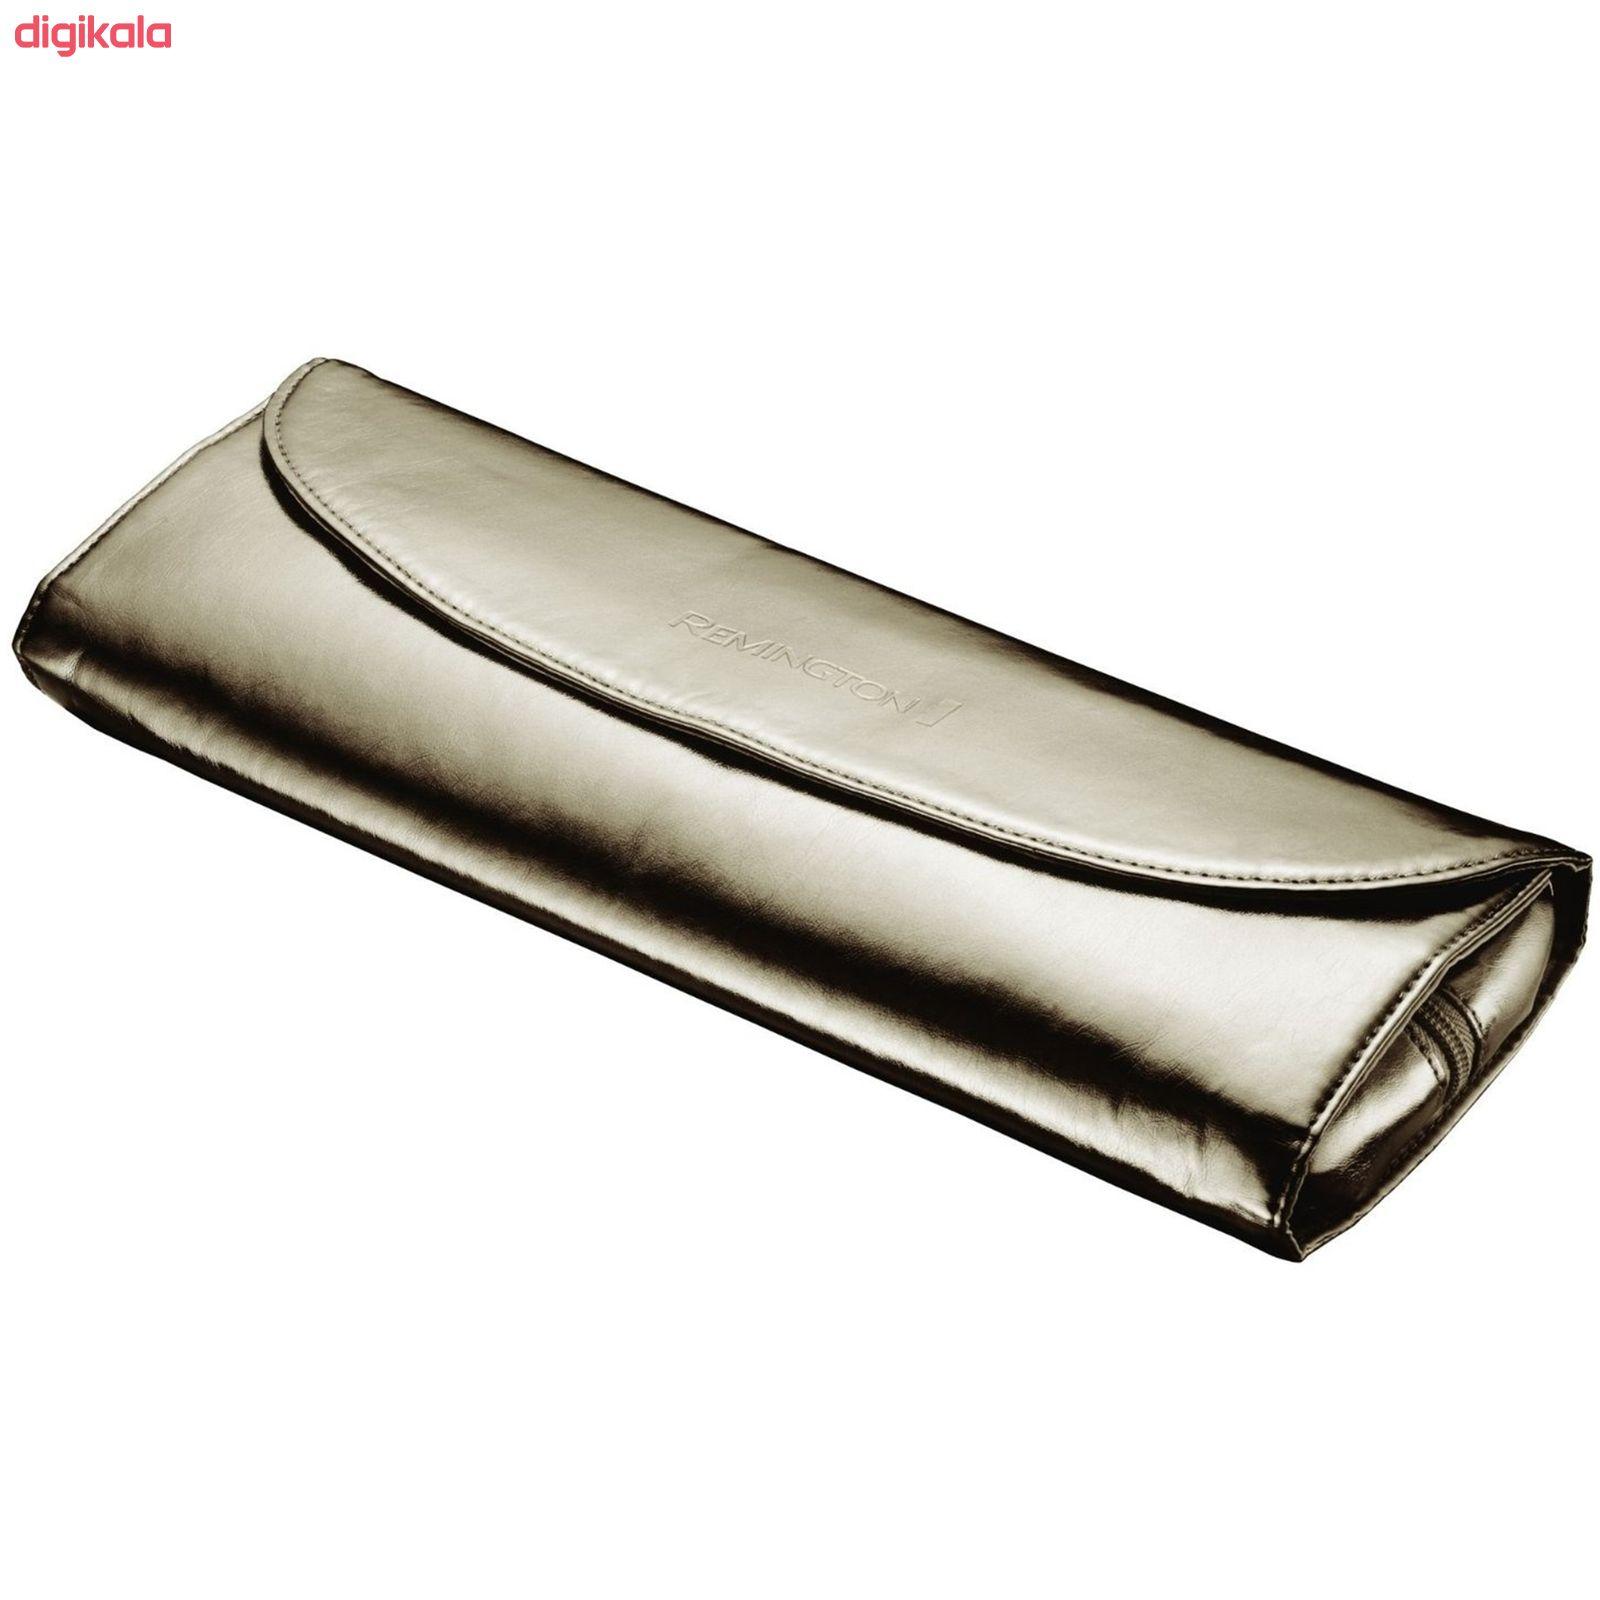 اتو مو رمینگتون مدل S9500 Pearl main 1 3